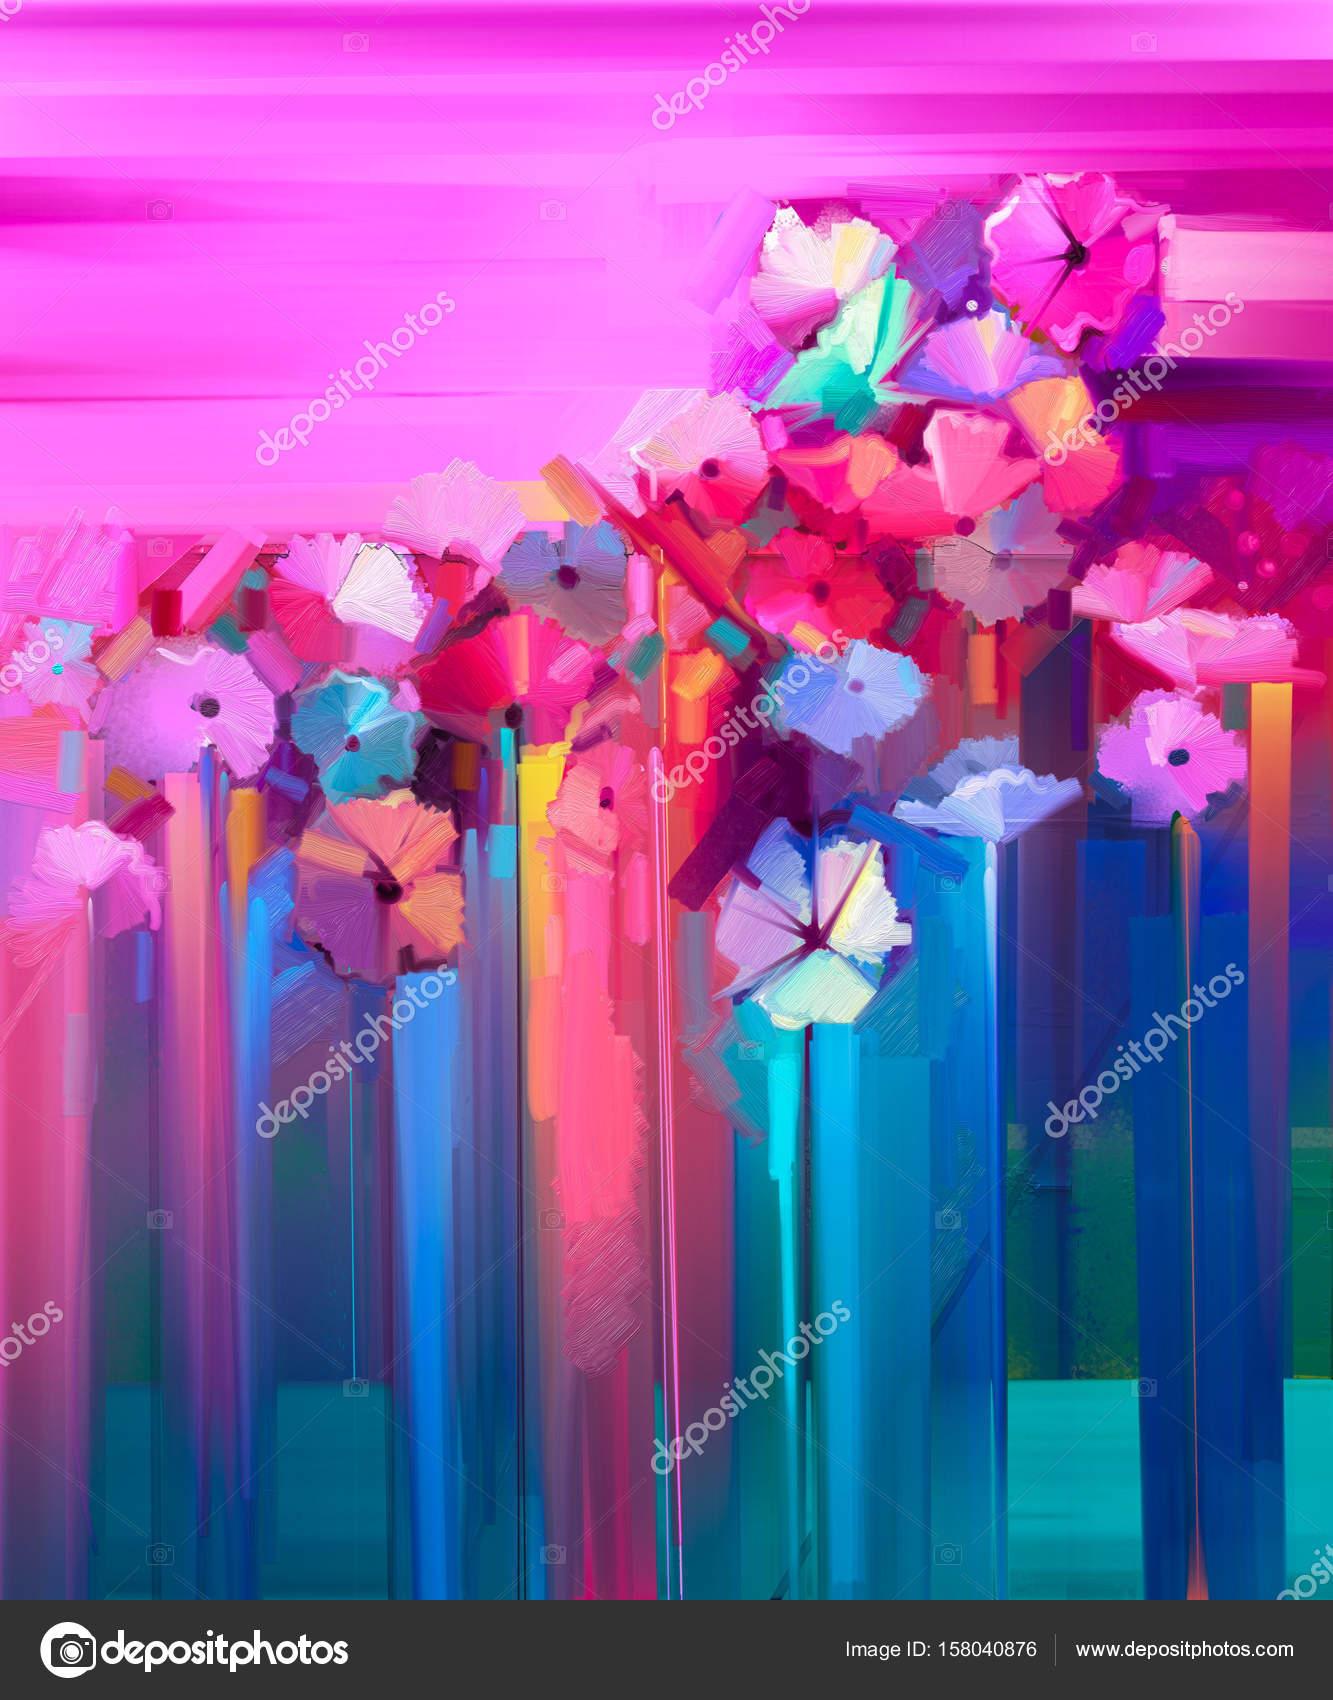 Abstrakcja Obraz Olejny Wiosenny Kwiat Zdjęcie Stockowe